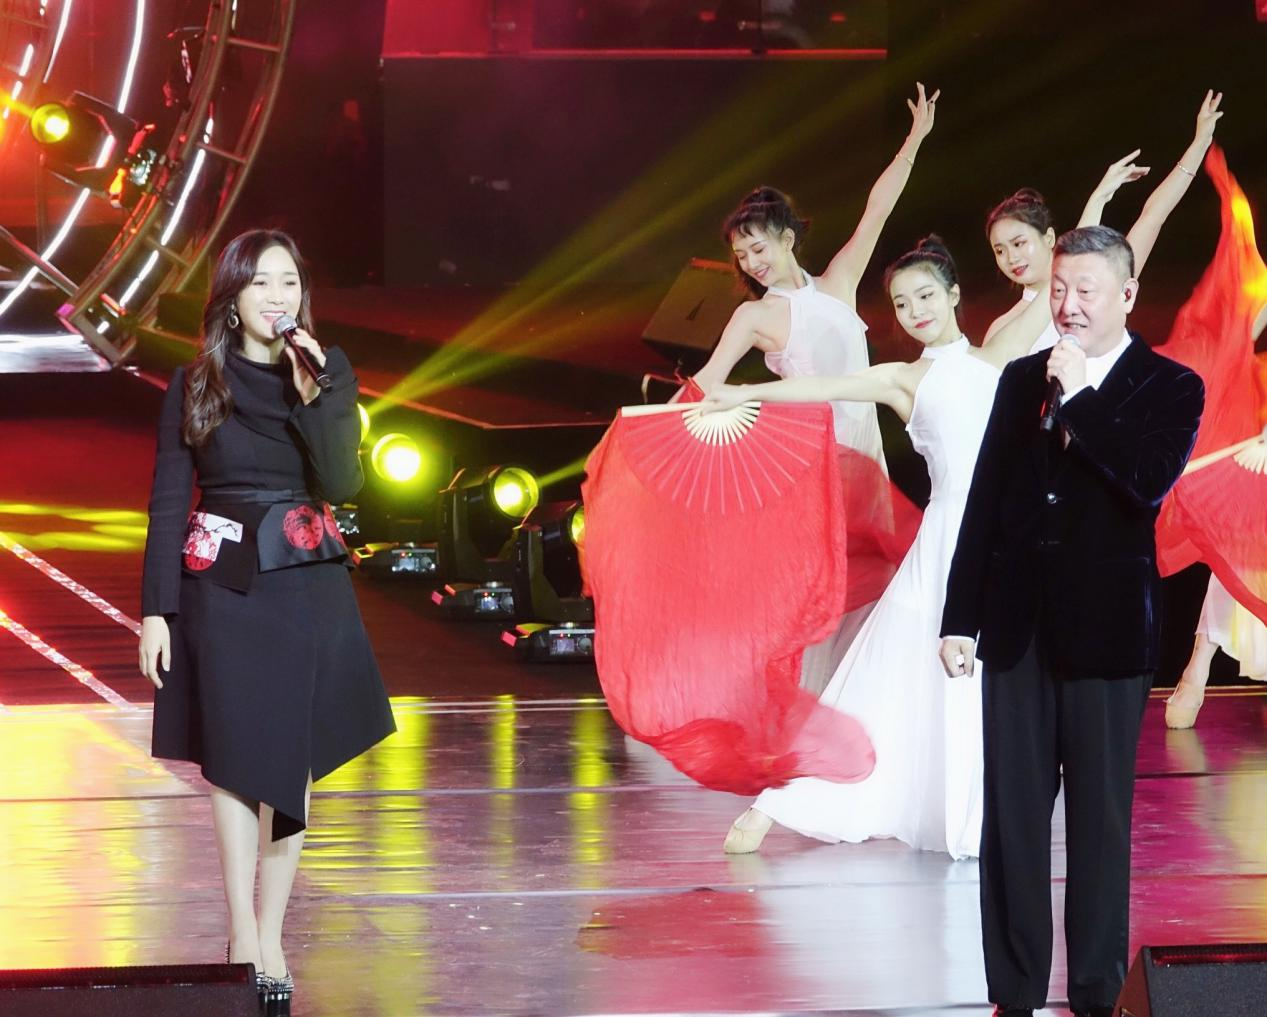 龙梅子搭档韩磊演绎《不忘初心》,凭借的是三样优势